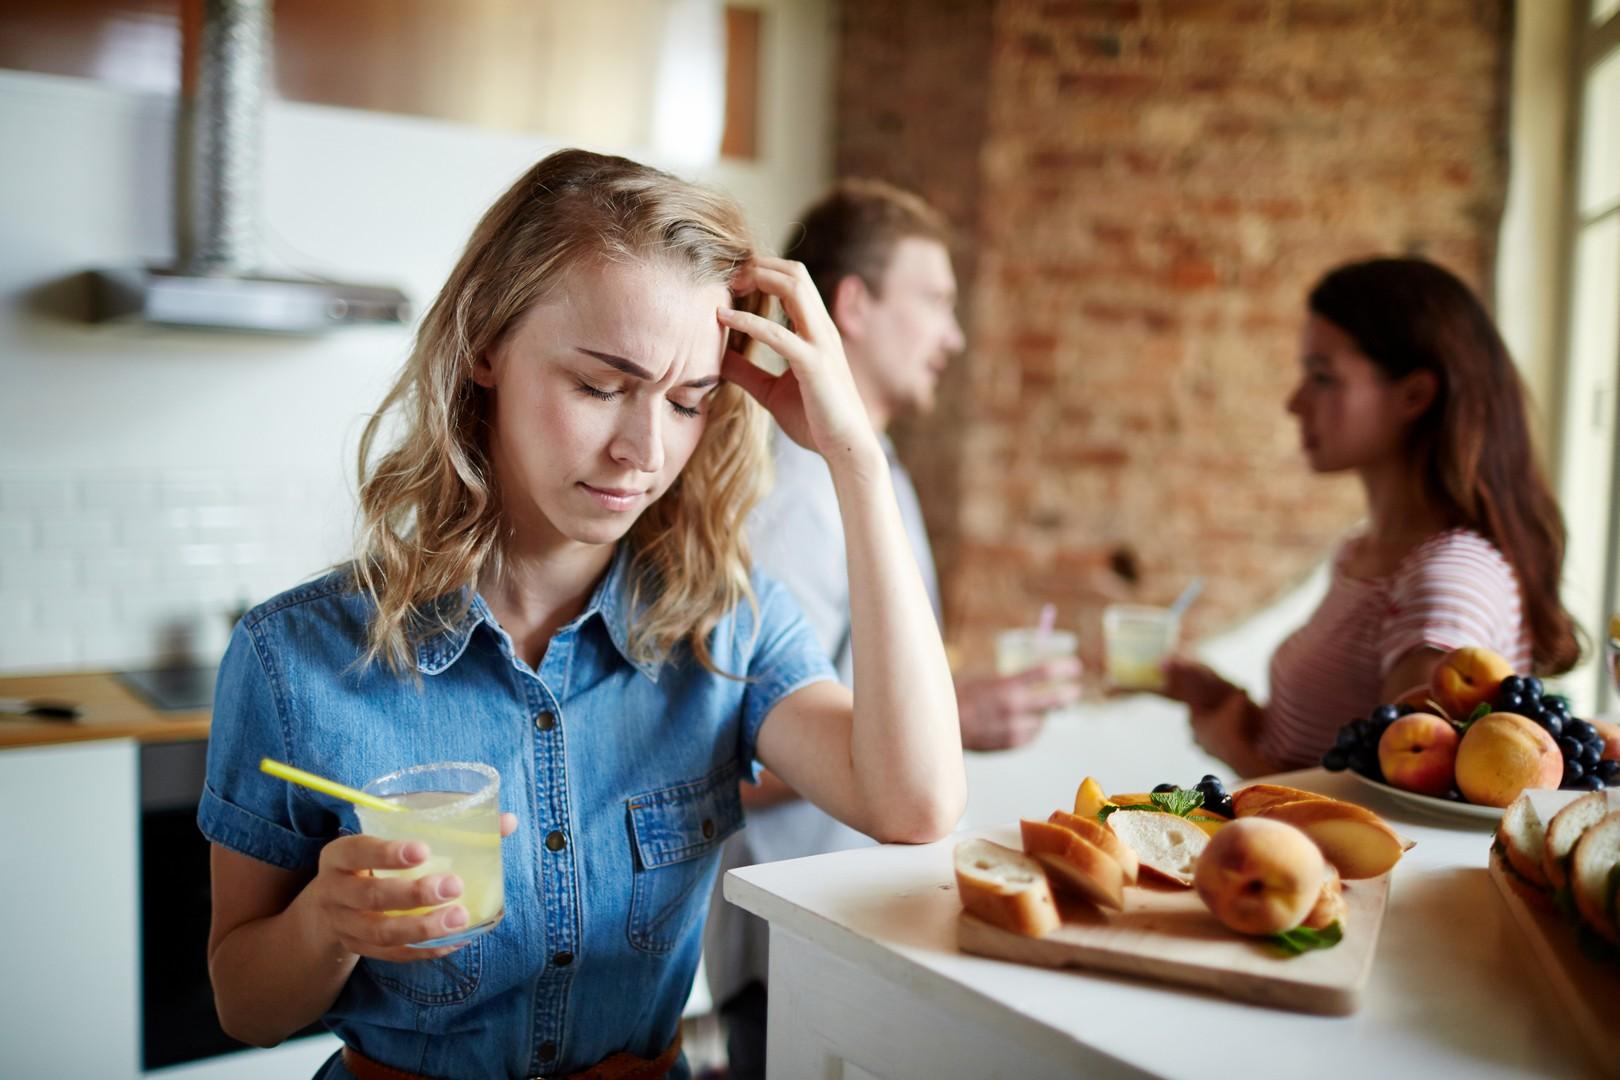 Отношения с женатым мужчиной: куда они приводят, и есть ли там счастье?